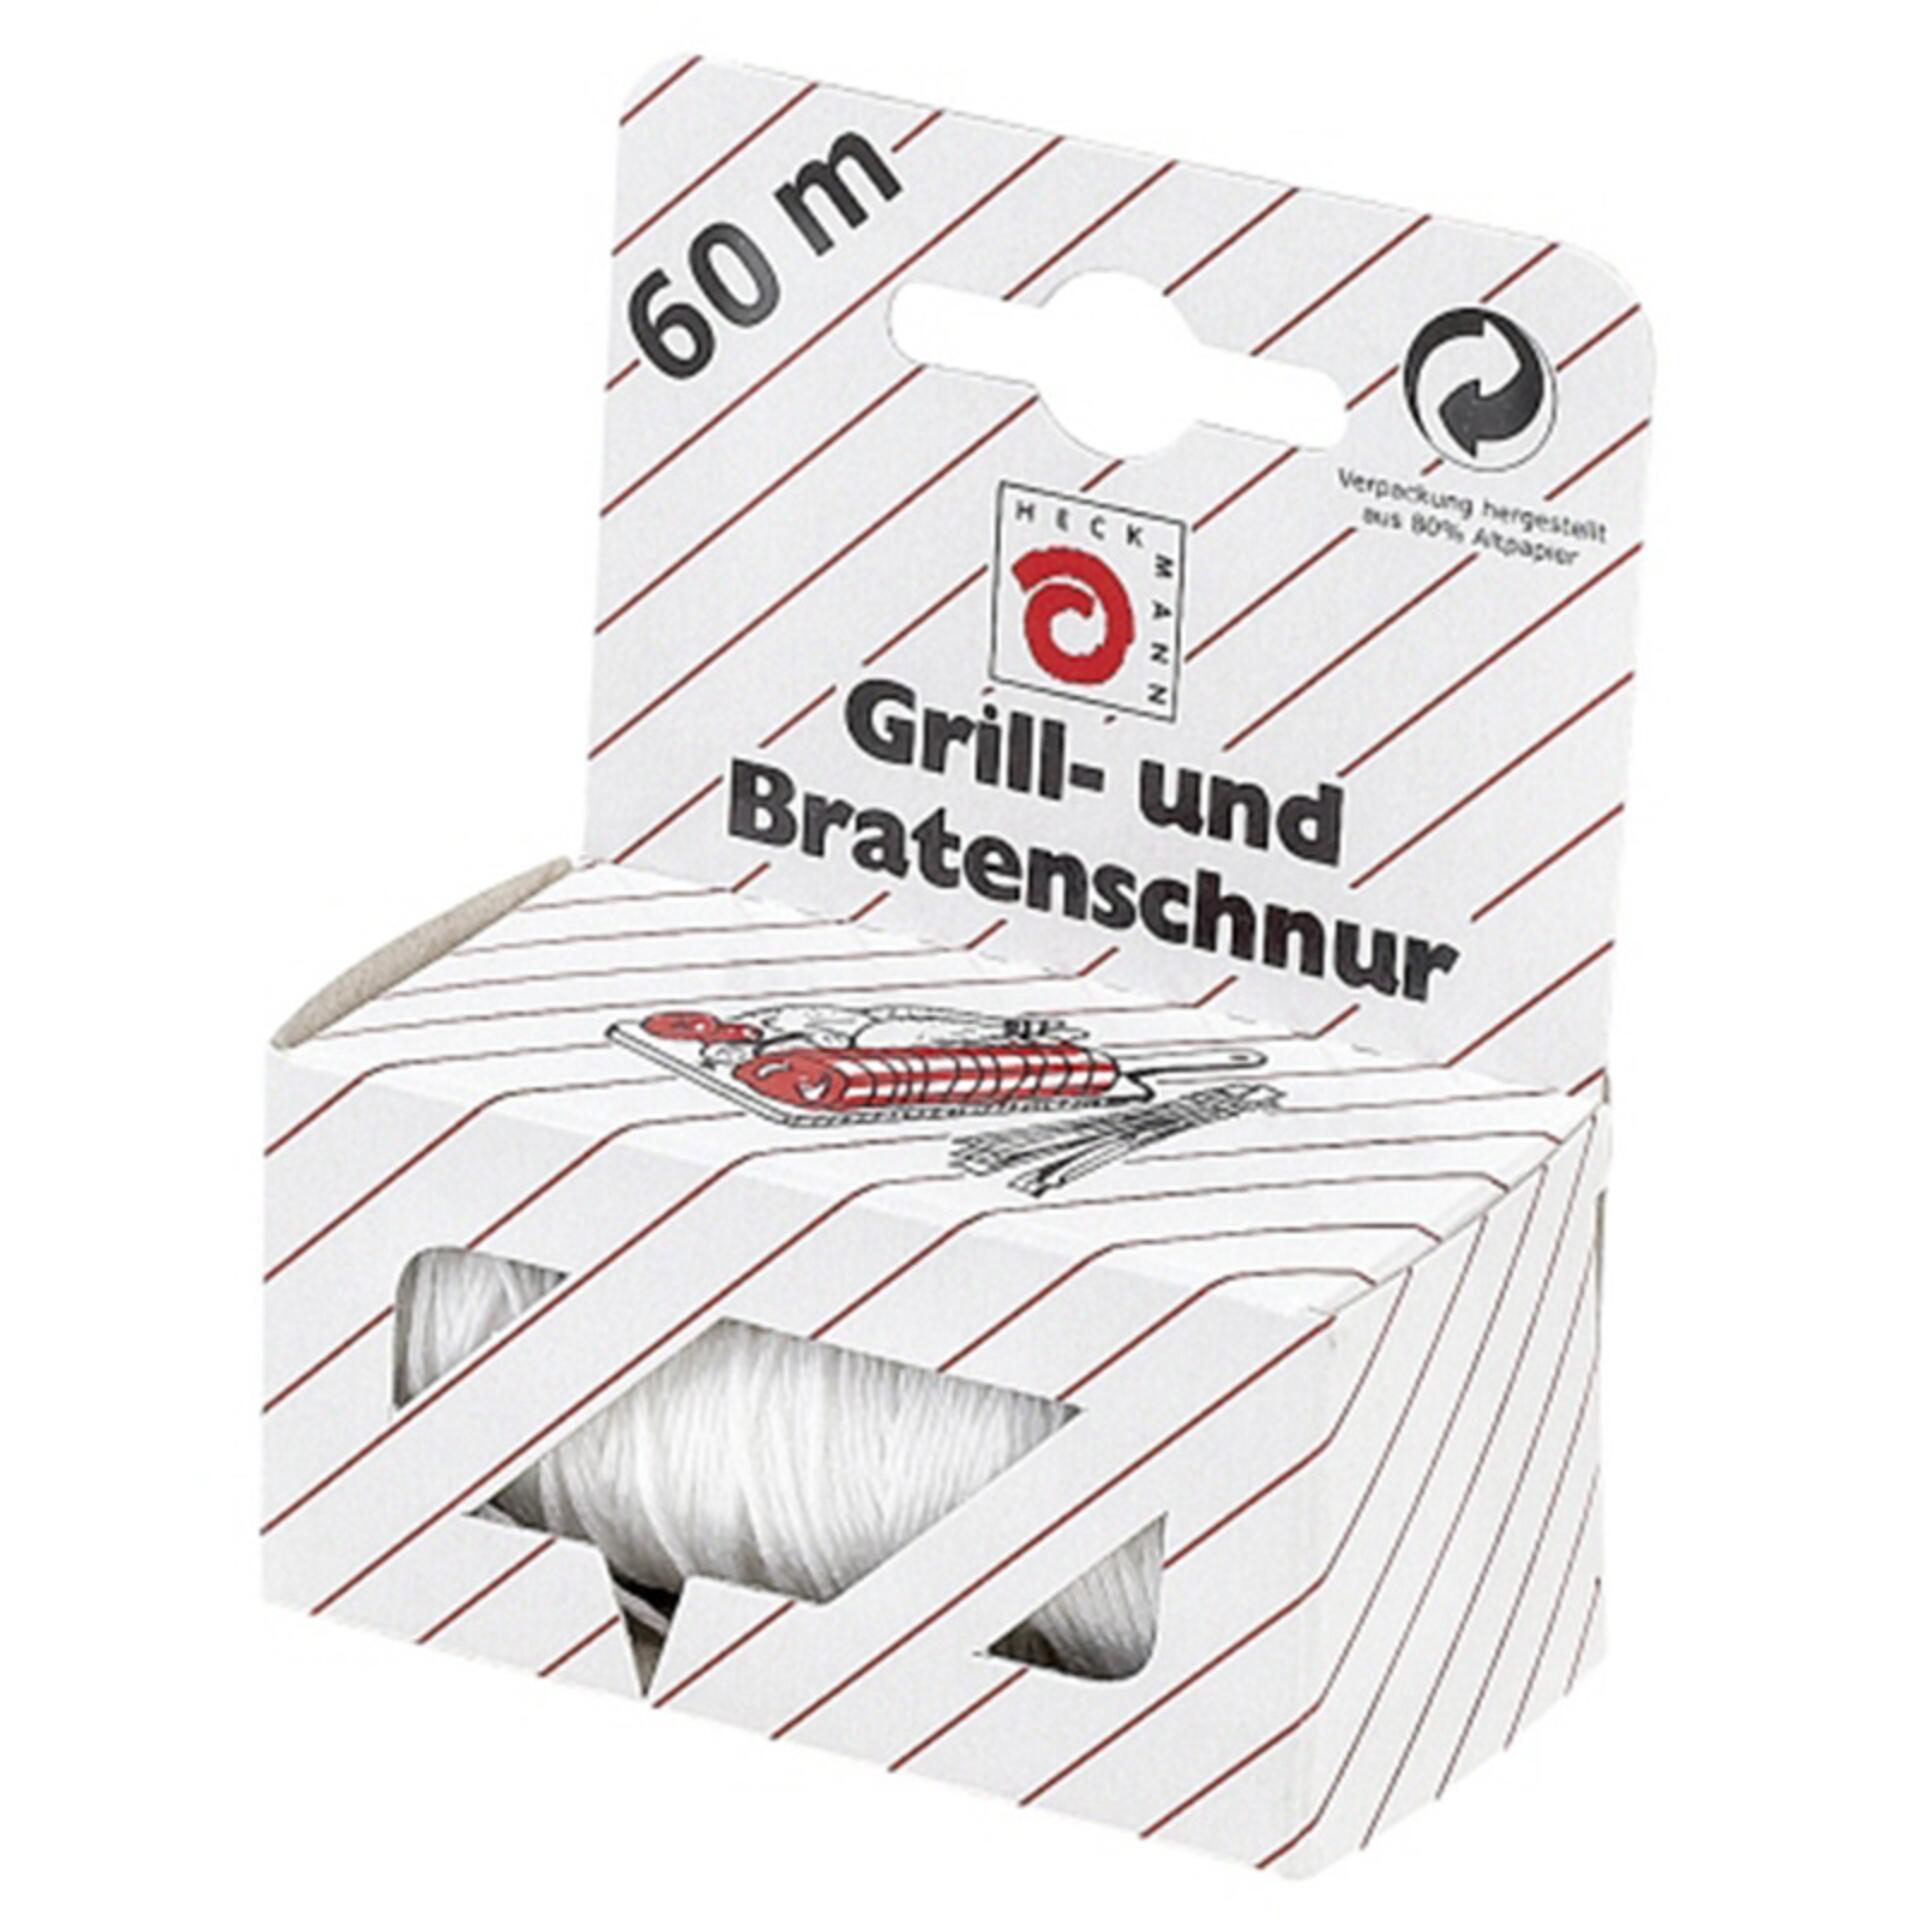 Grill- und Bratenschnur